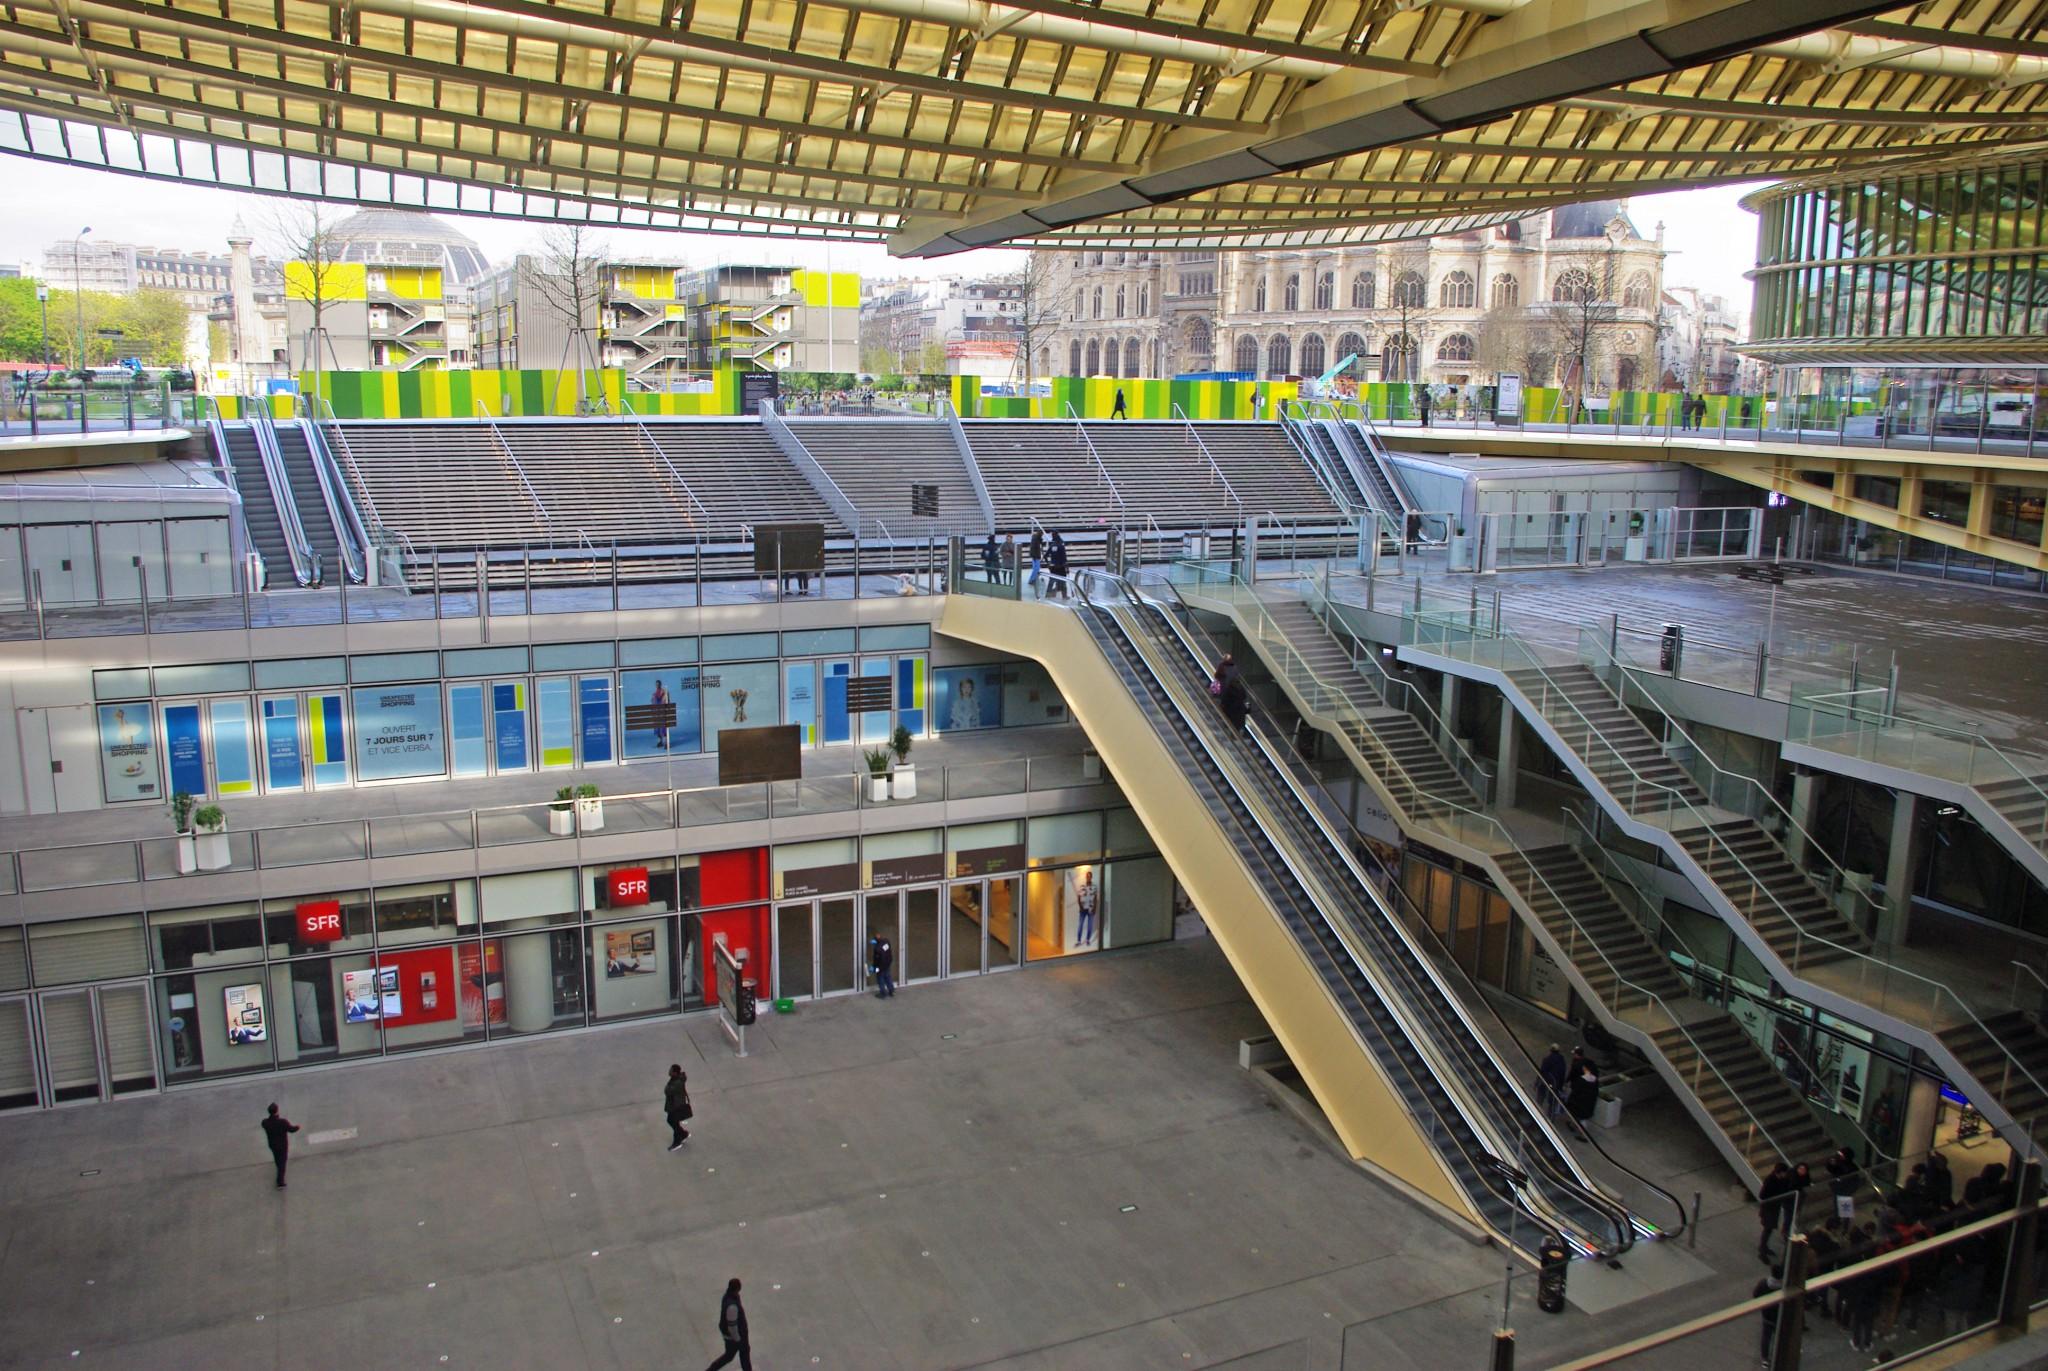 The canopy of les halles french moments - Forum des halles paris ...